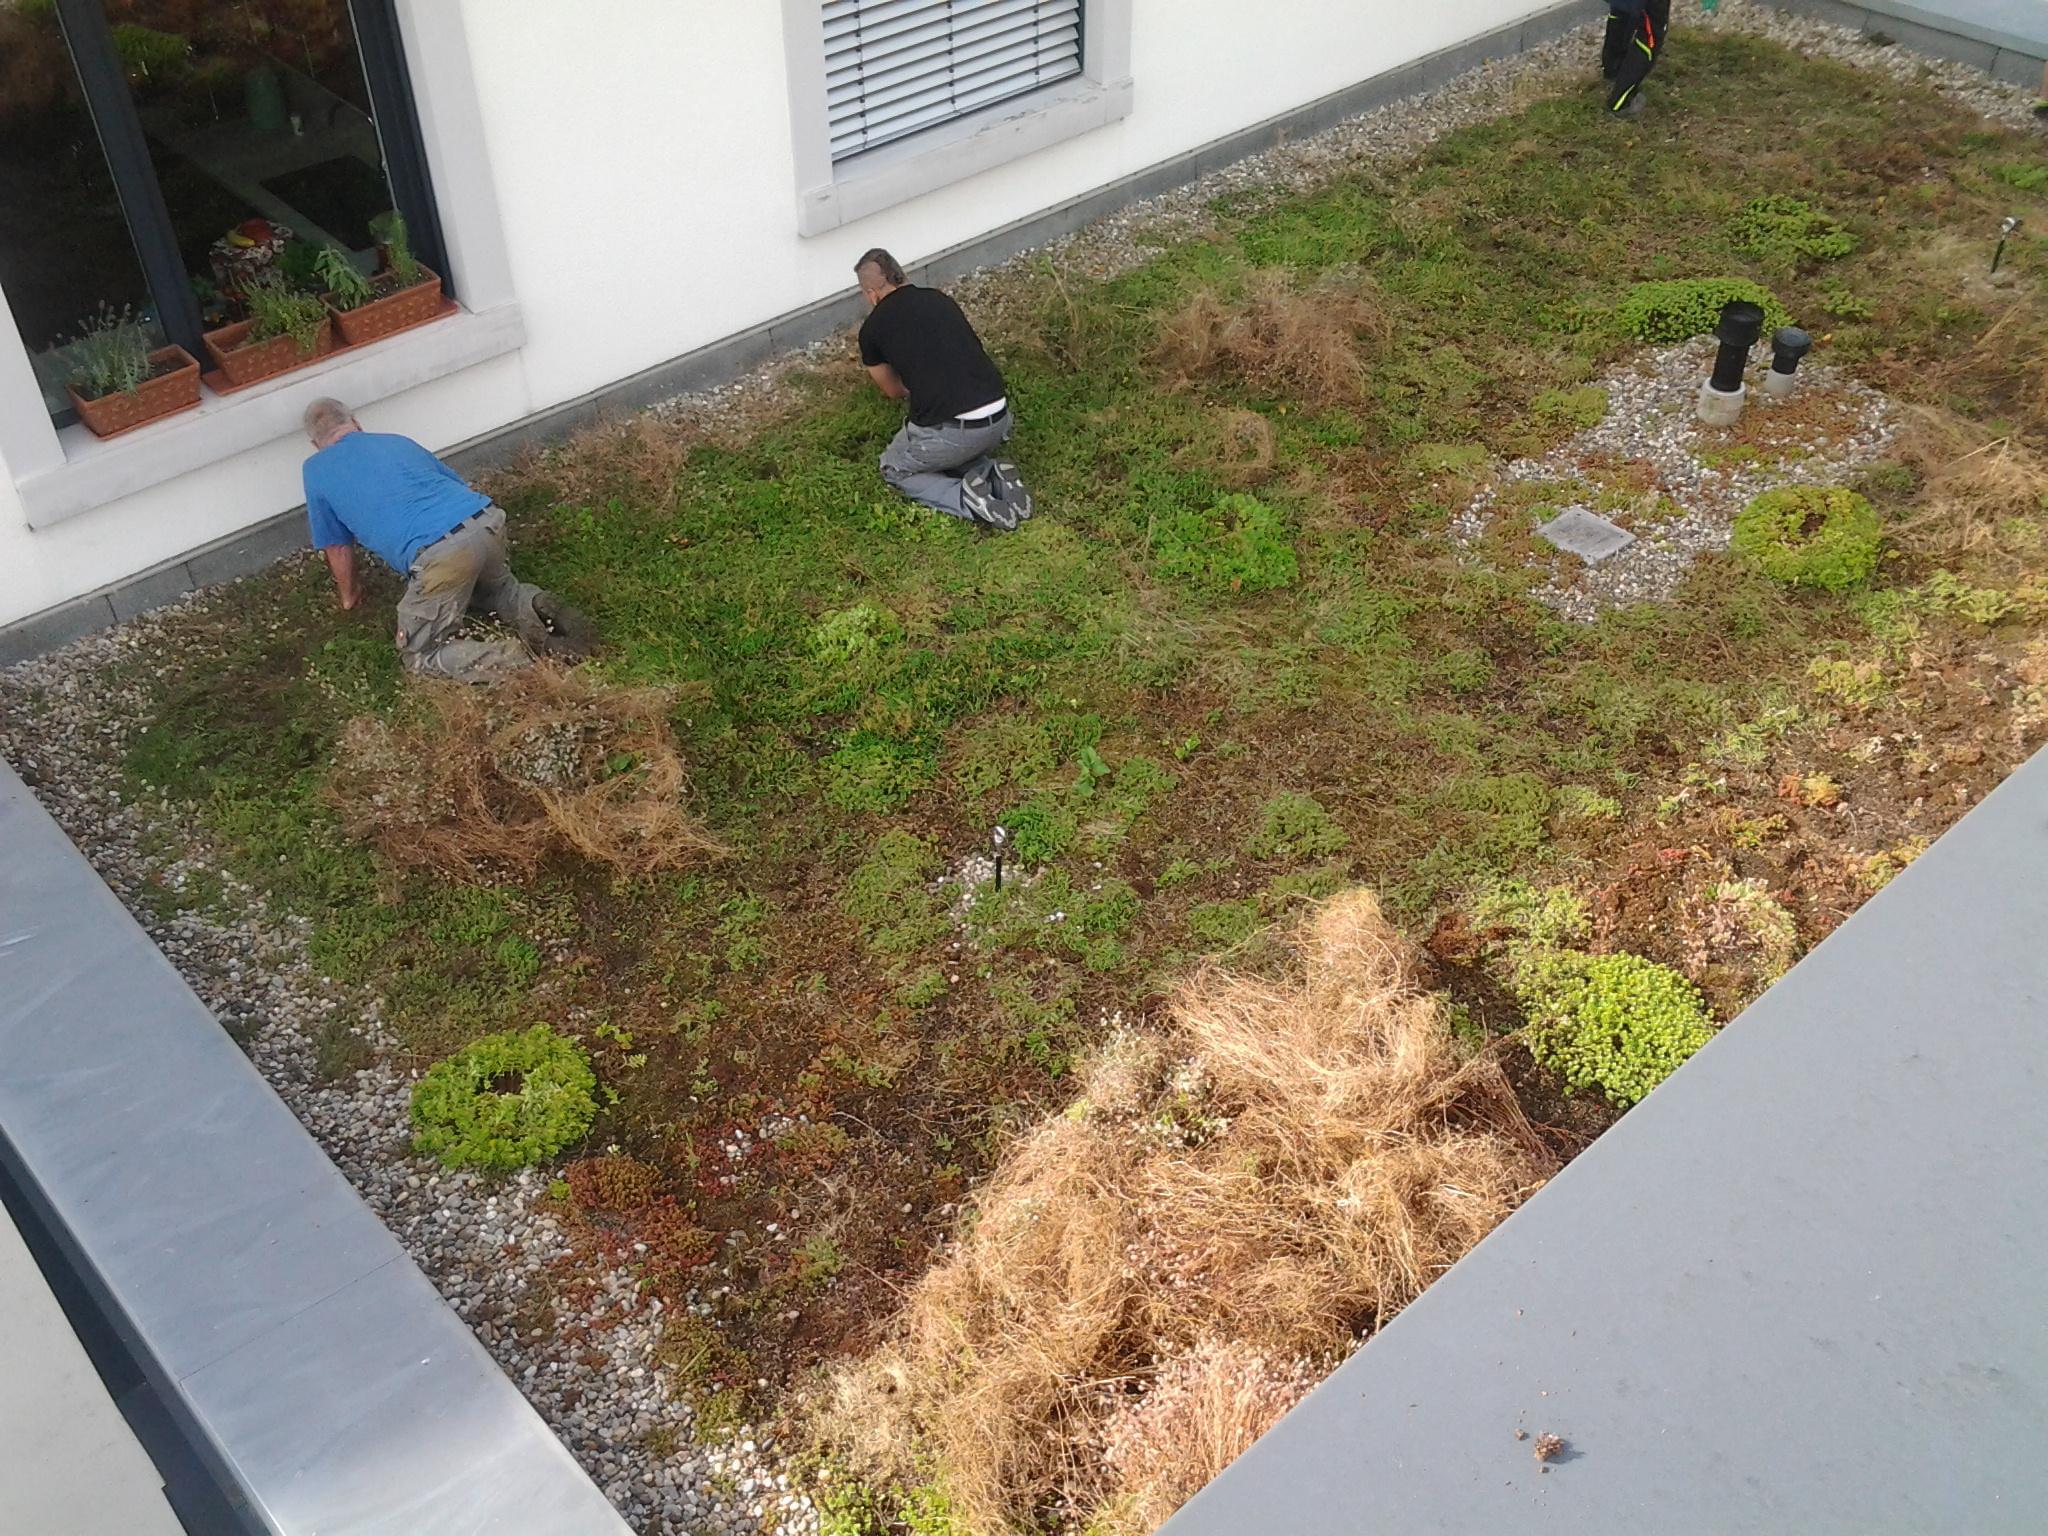 Pflege einer Dachbegrünung  in Niefern